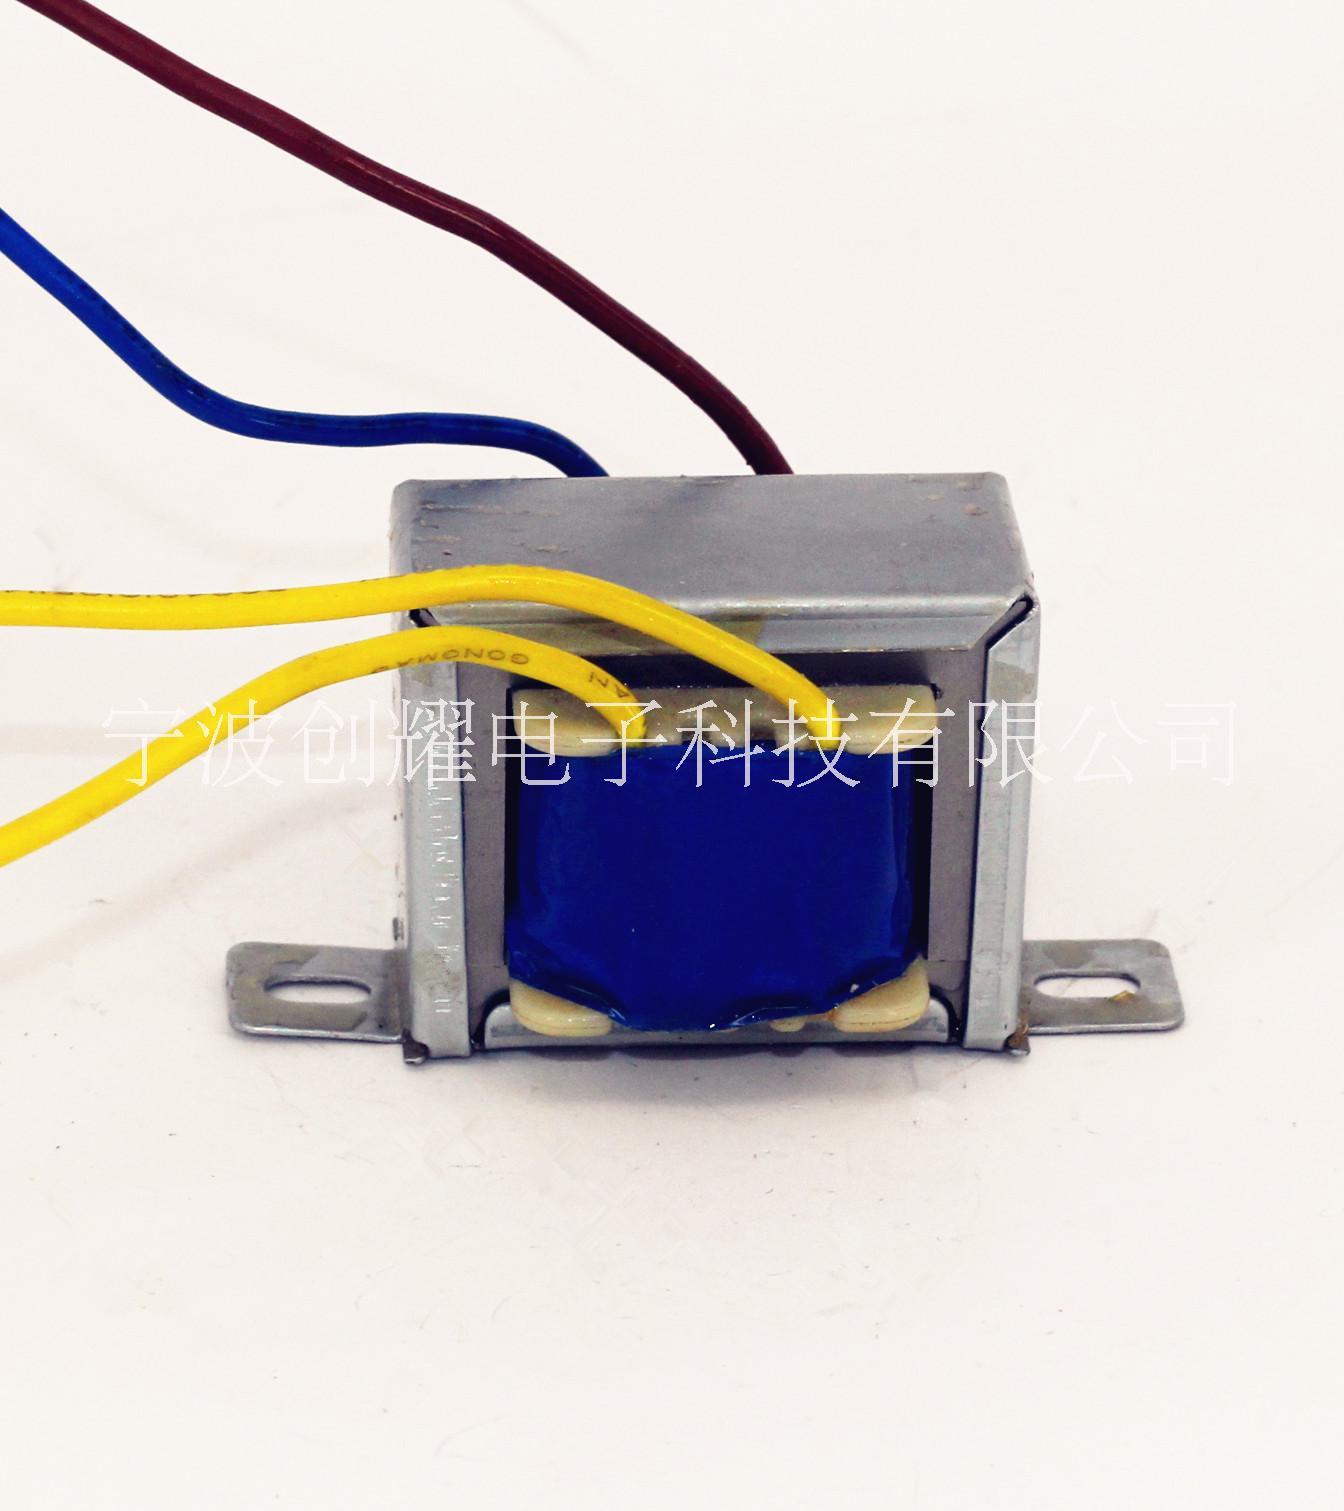 EI41变压器 厂家直销变压器 浙江变压器 低频变压器 12V 24V 36V变压器